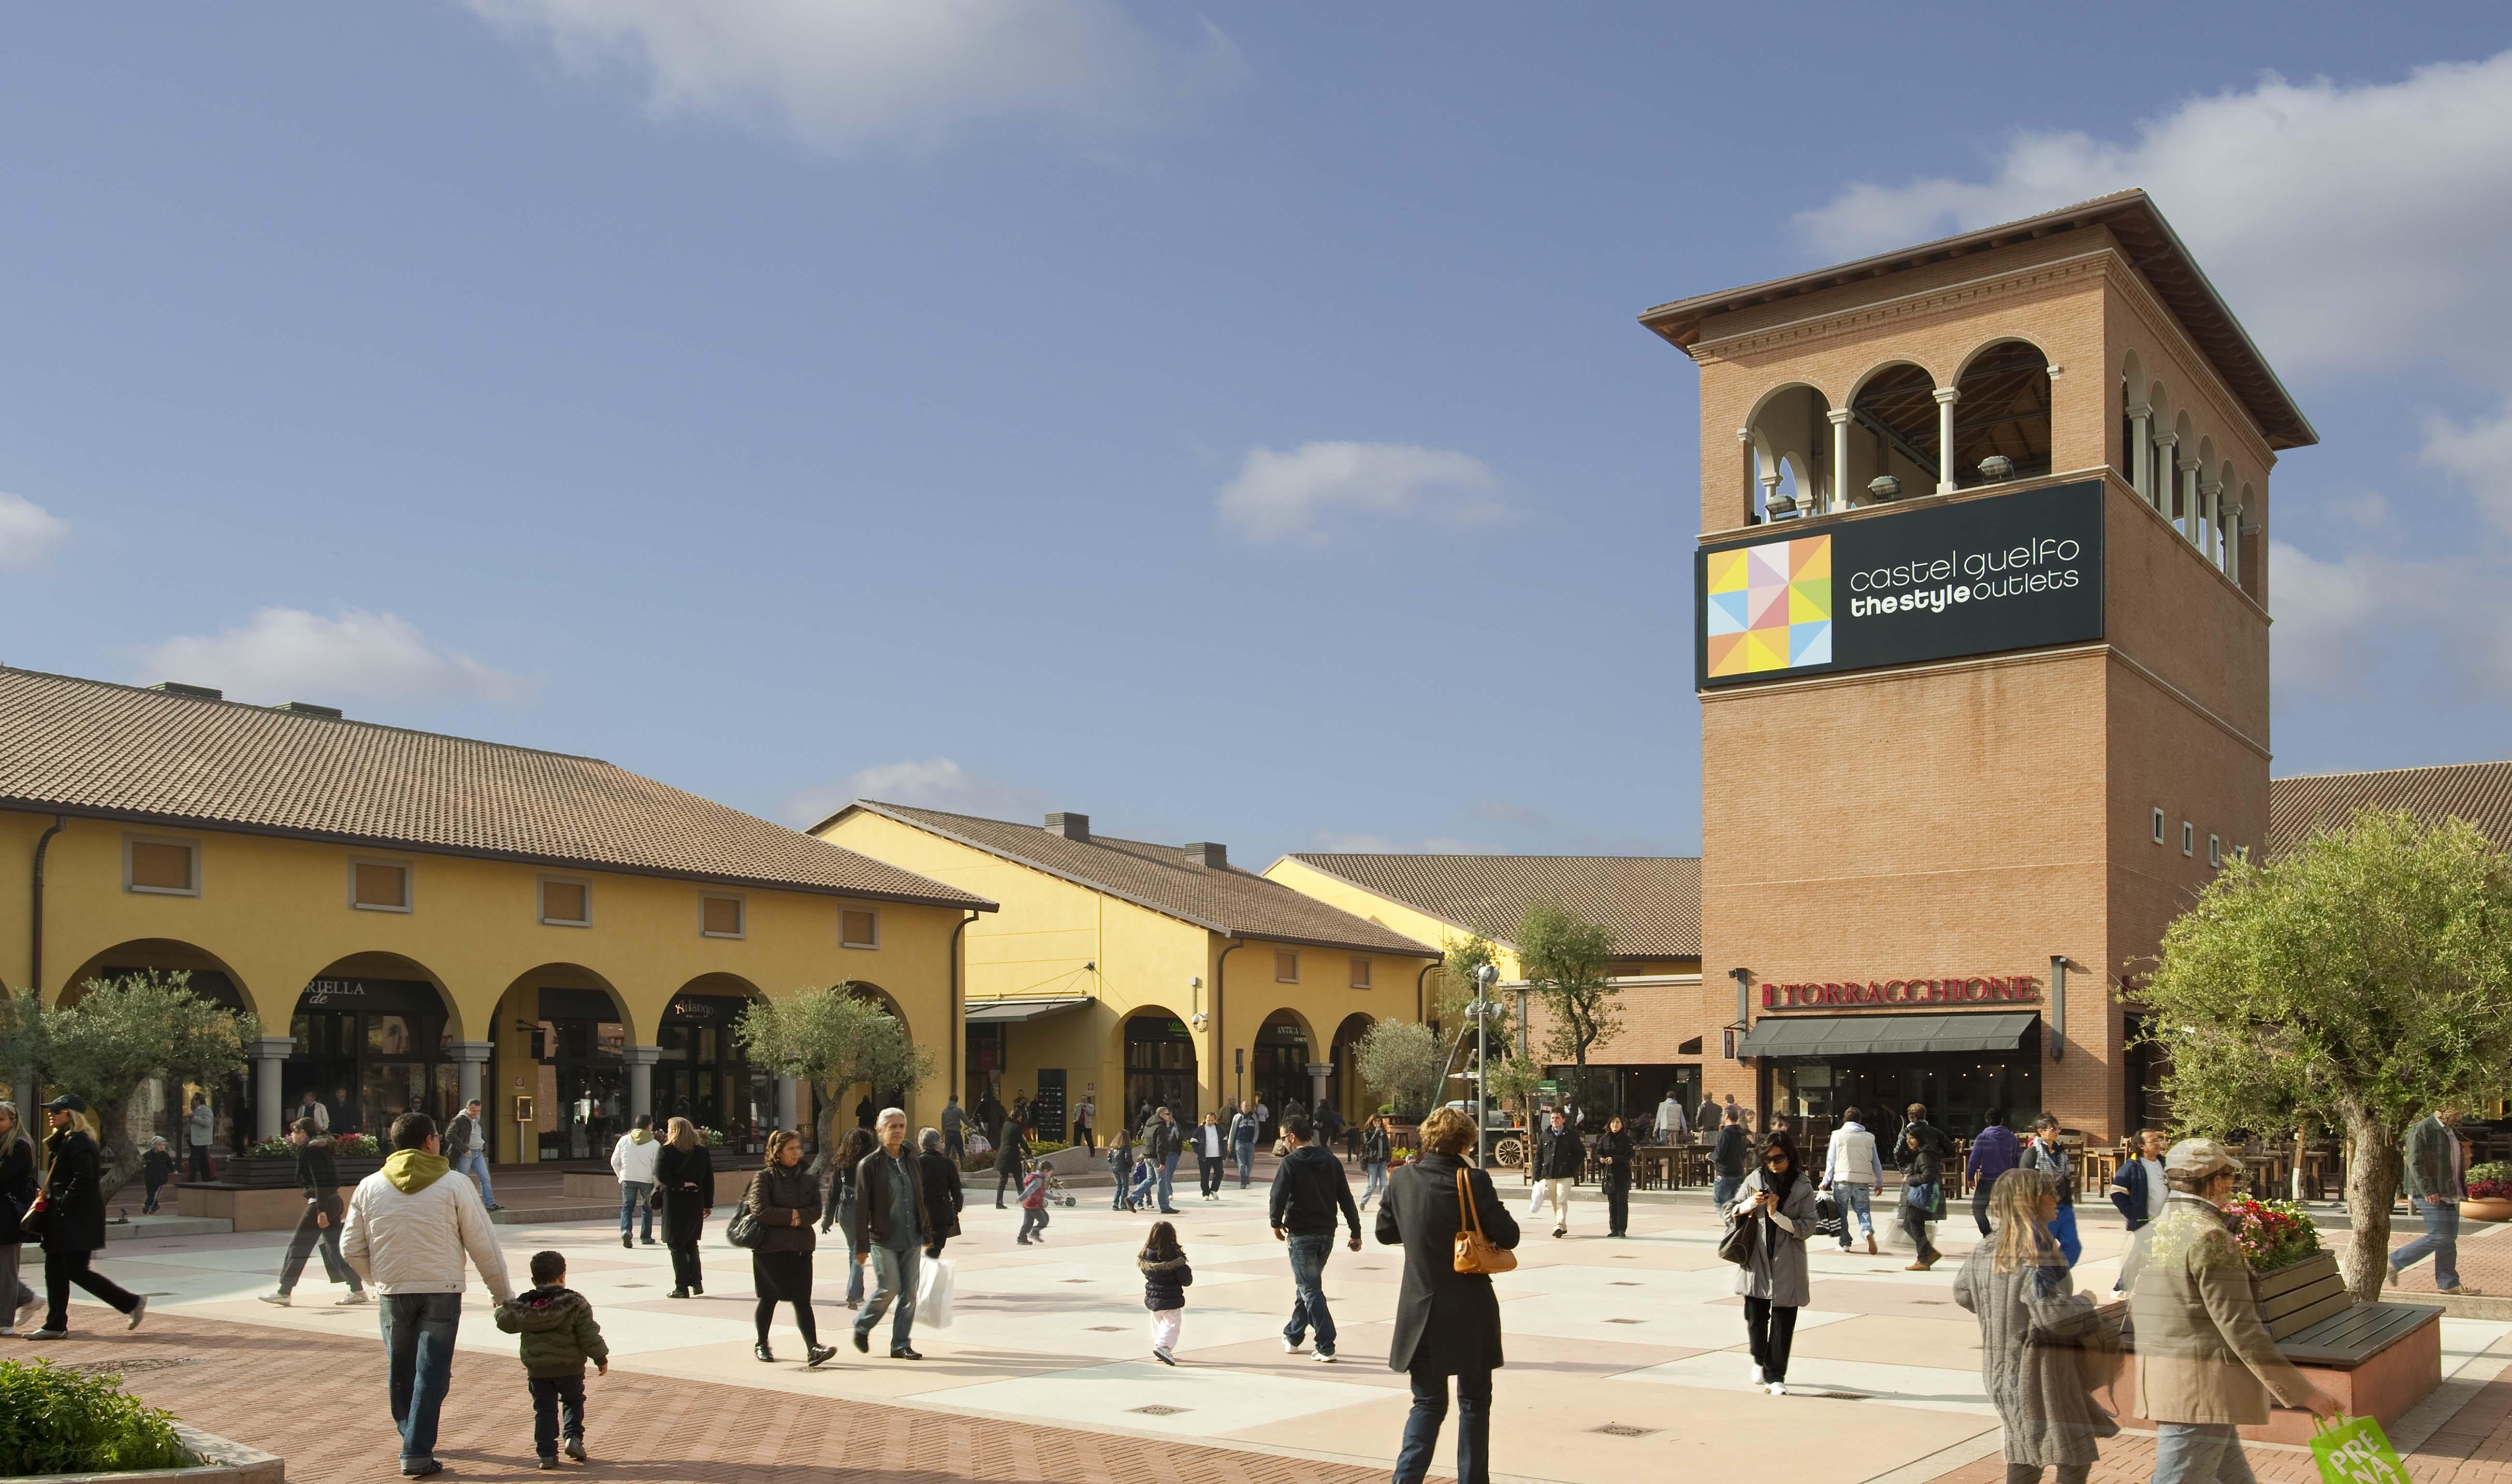 Castel Guelfo The Style Outlets: rafforzare la nostra proposta di ...